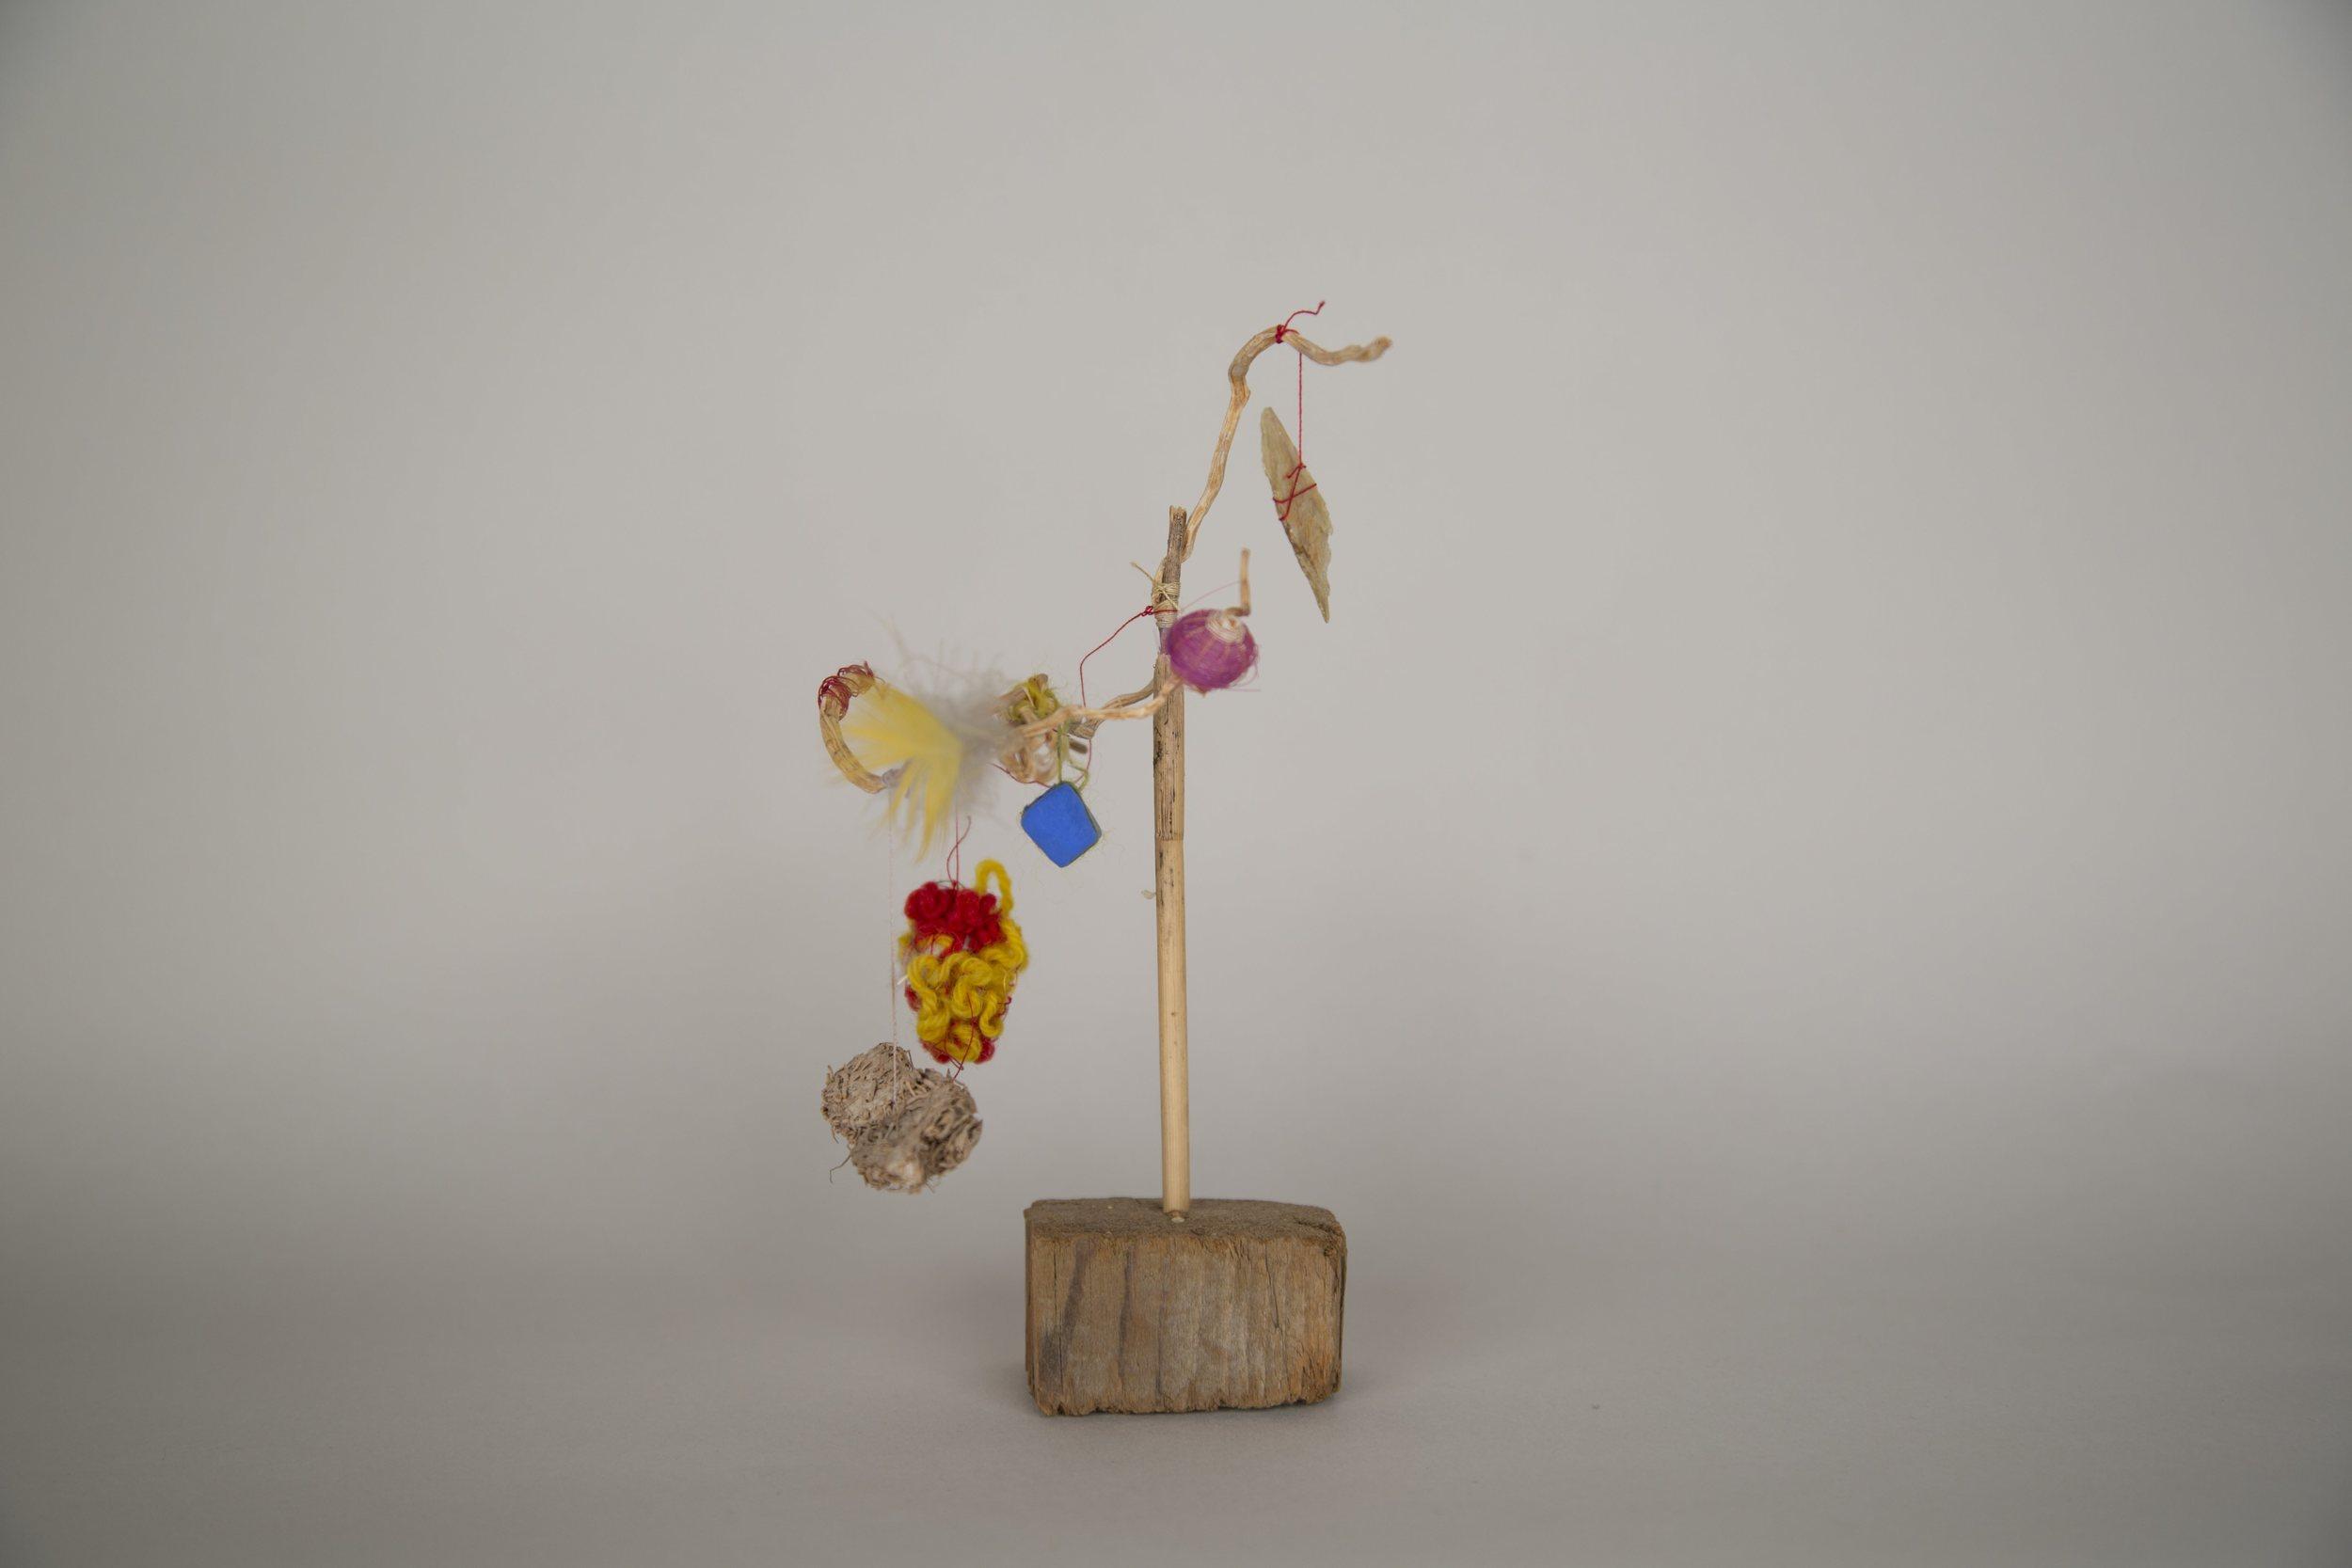 Árbol de Vida, Cecilia Vicuña, 1983